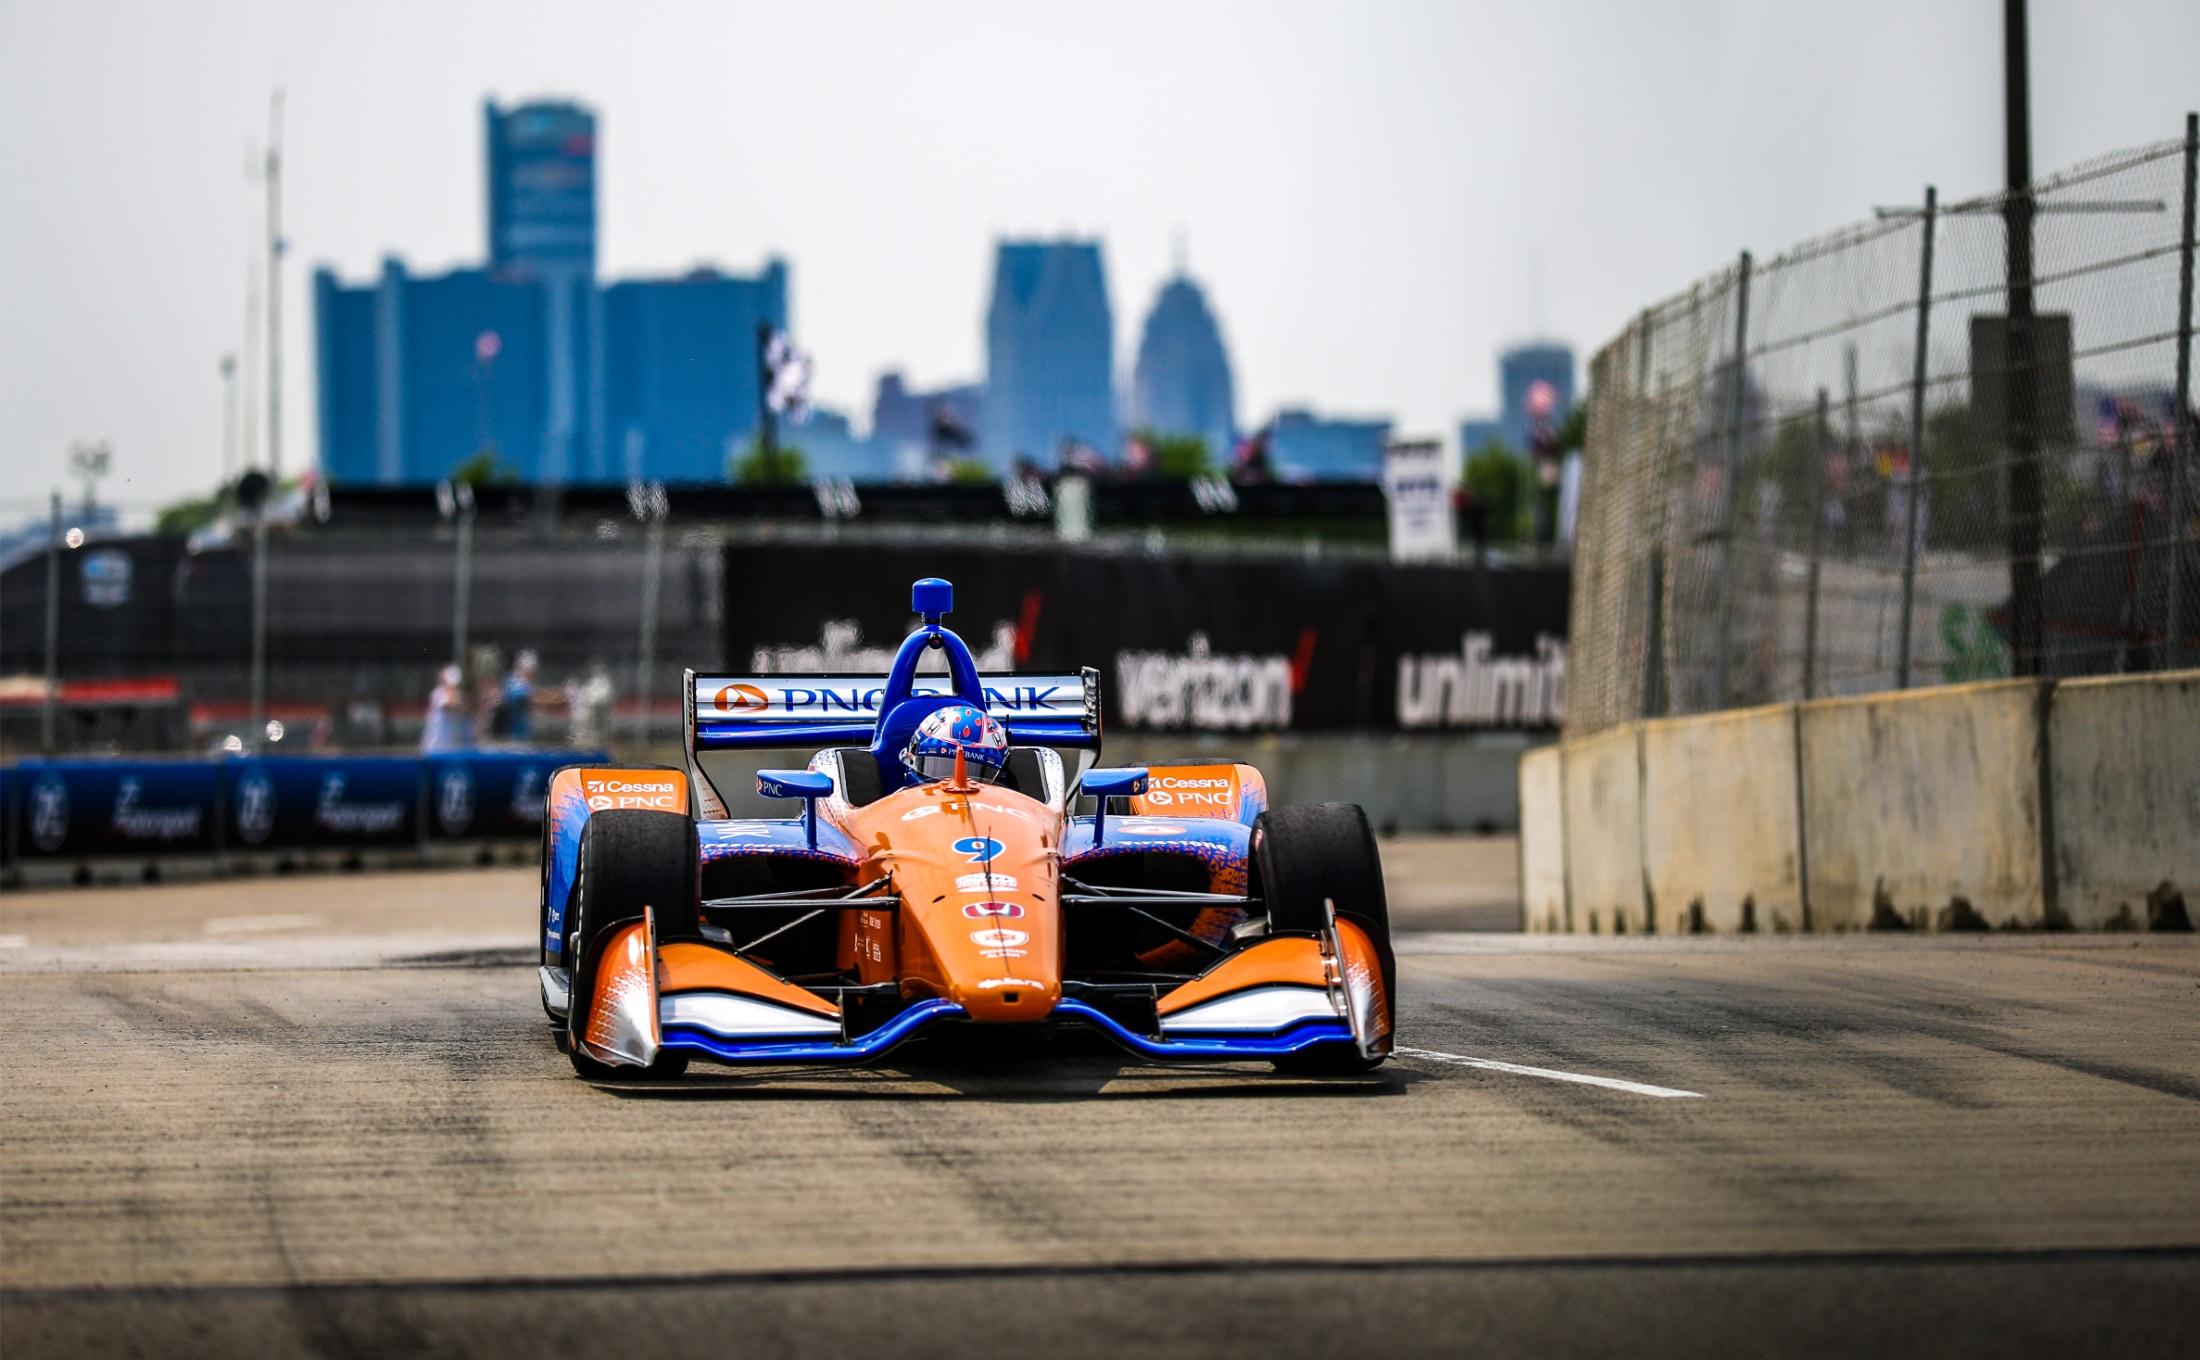 Scott Dixon races 2019 Chevrolet Detroit Grand Prix in Honda Indy car